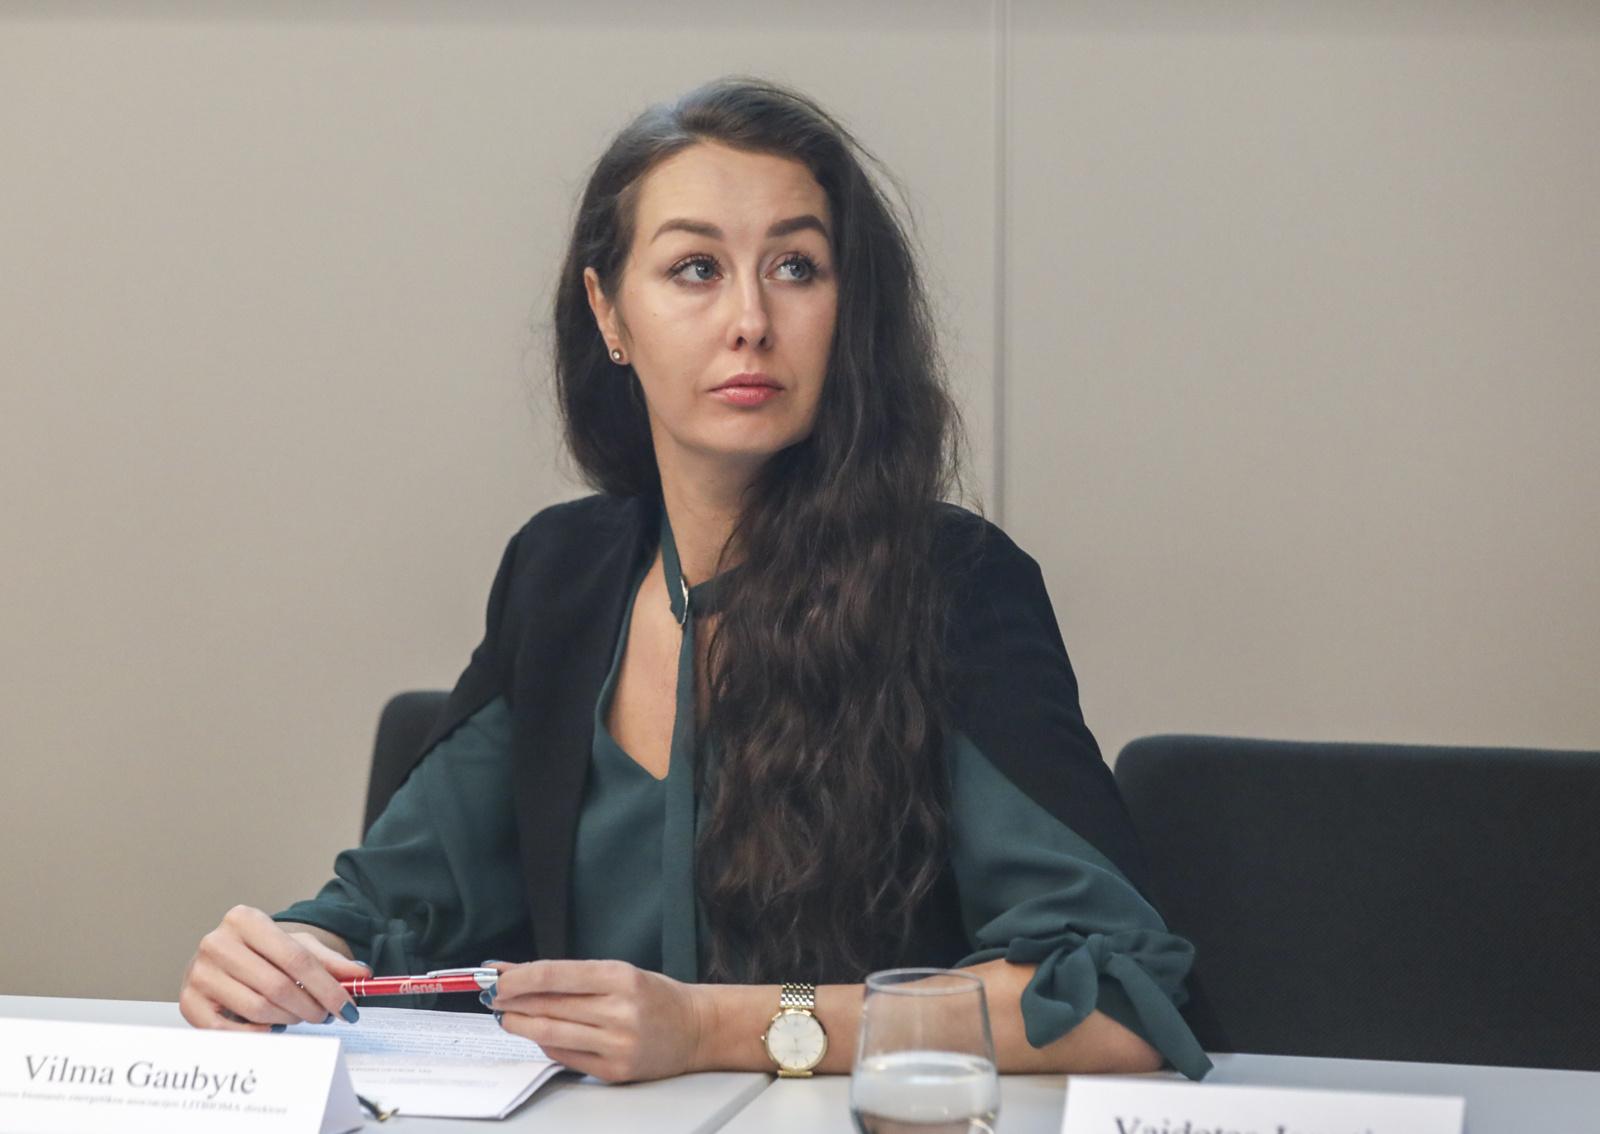 Biokuro importas gali sužlugdyti įmones Lietuvoje: jau atleidžia darbuotojus, pasitraukia iš veiklos